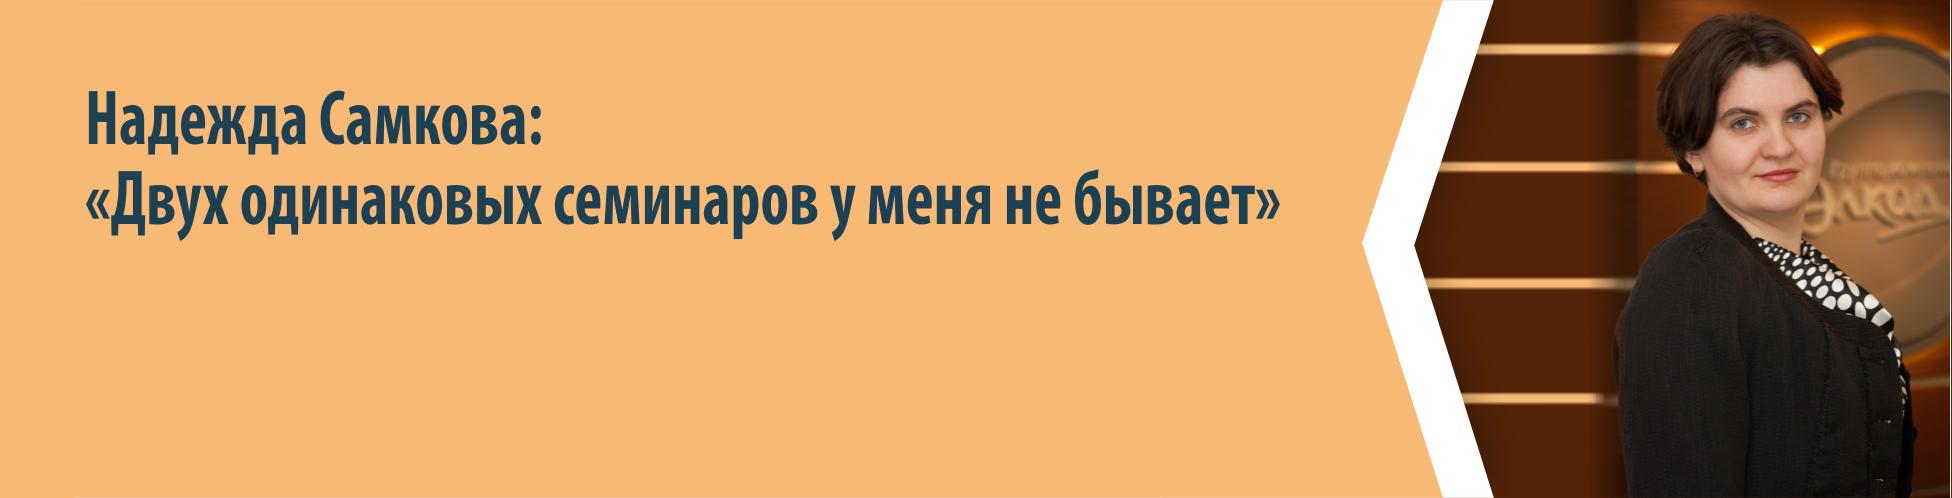 Интервью с Надеждой Самковой